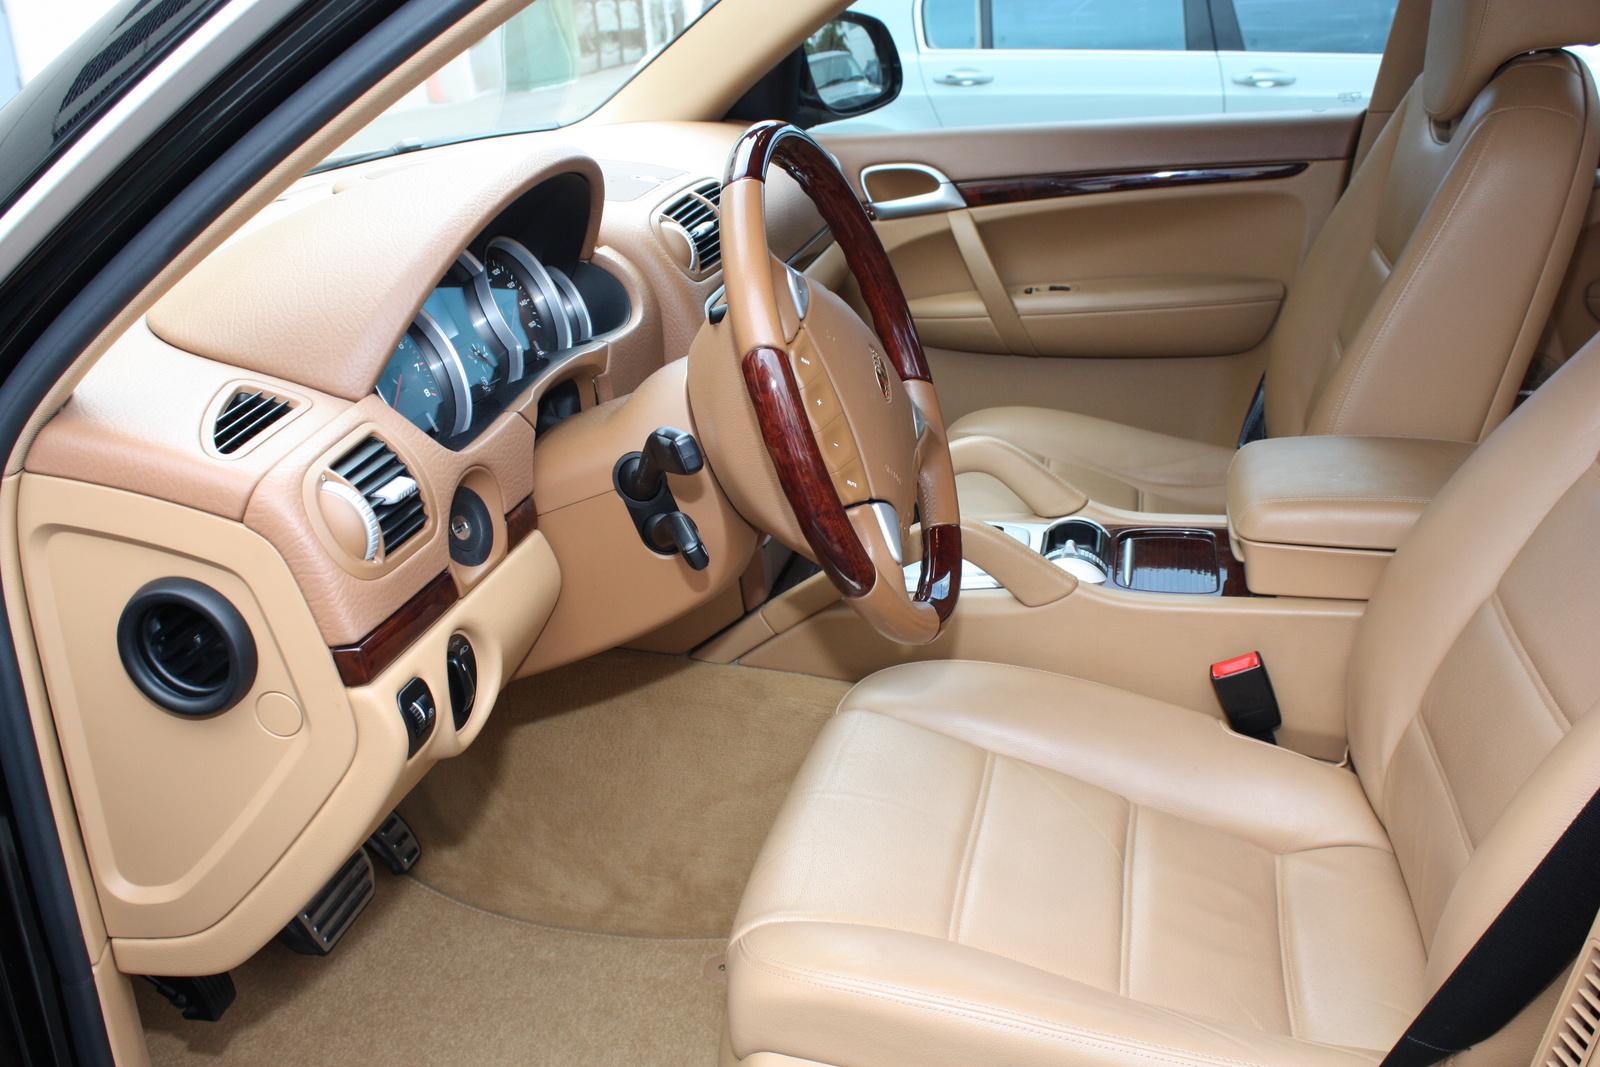 2006 Porsche Cayenne Interior Pictures Cargurus